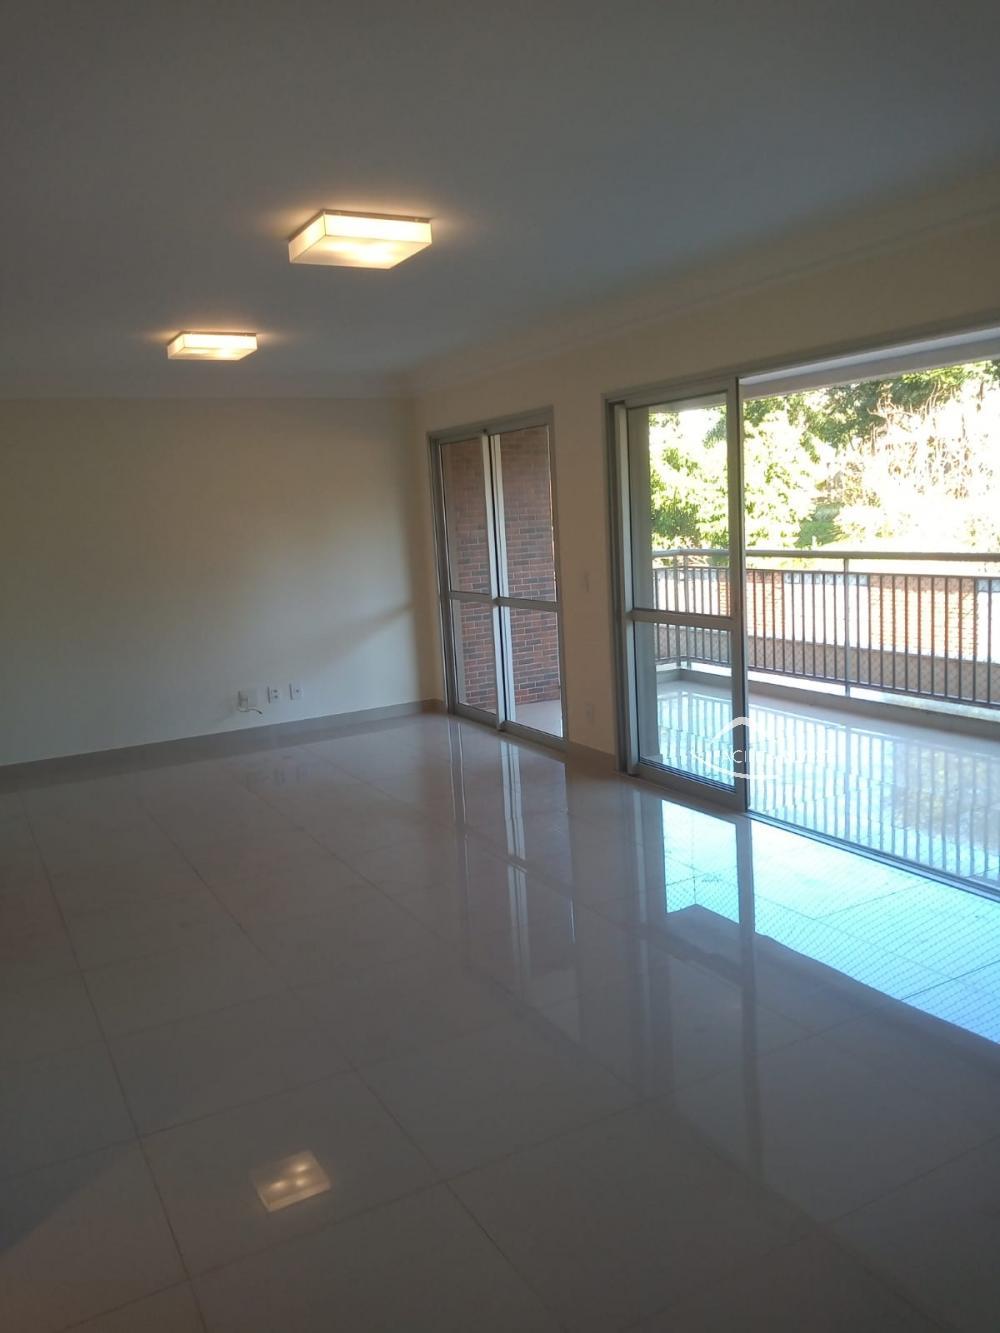 Alugar Apartamentos / Apart. Padrão em Ribeirão Preto R$ 3.500,00 - Foto 3